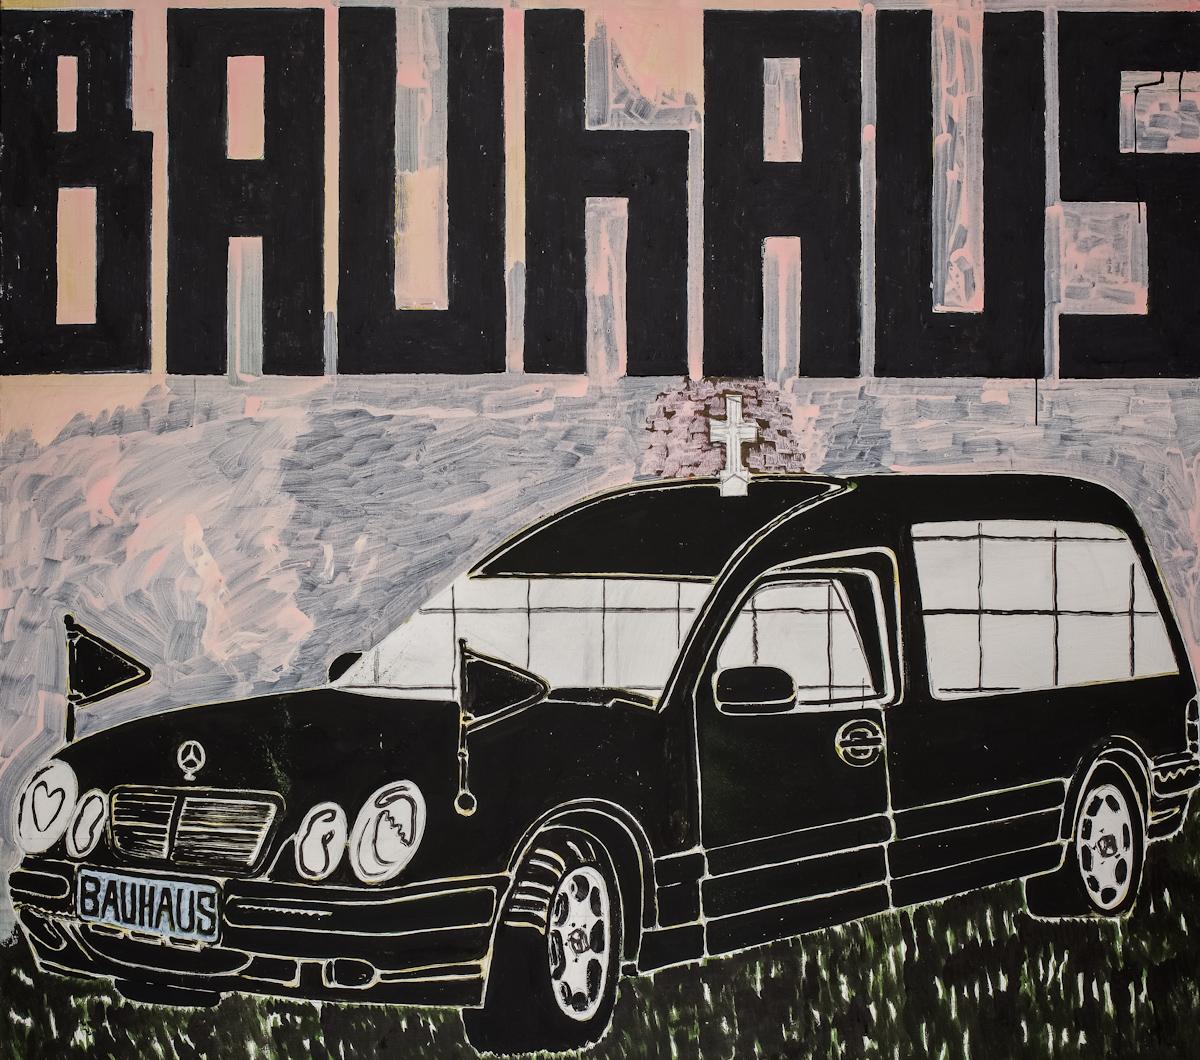 Marek Sobczyk, Bauhaus (Projekt samochodu pogrzebowego), tempera, płótno, 2009-2011